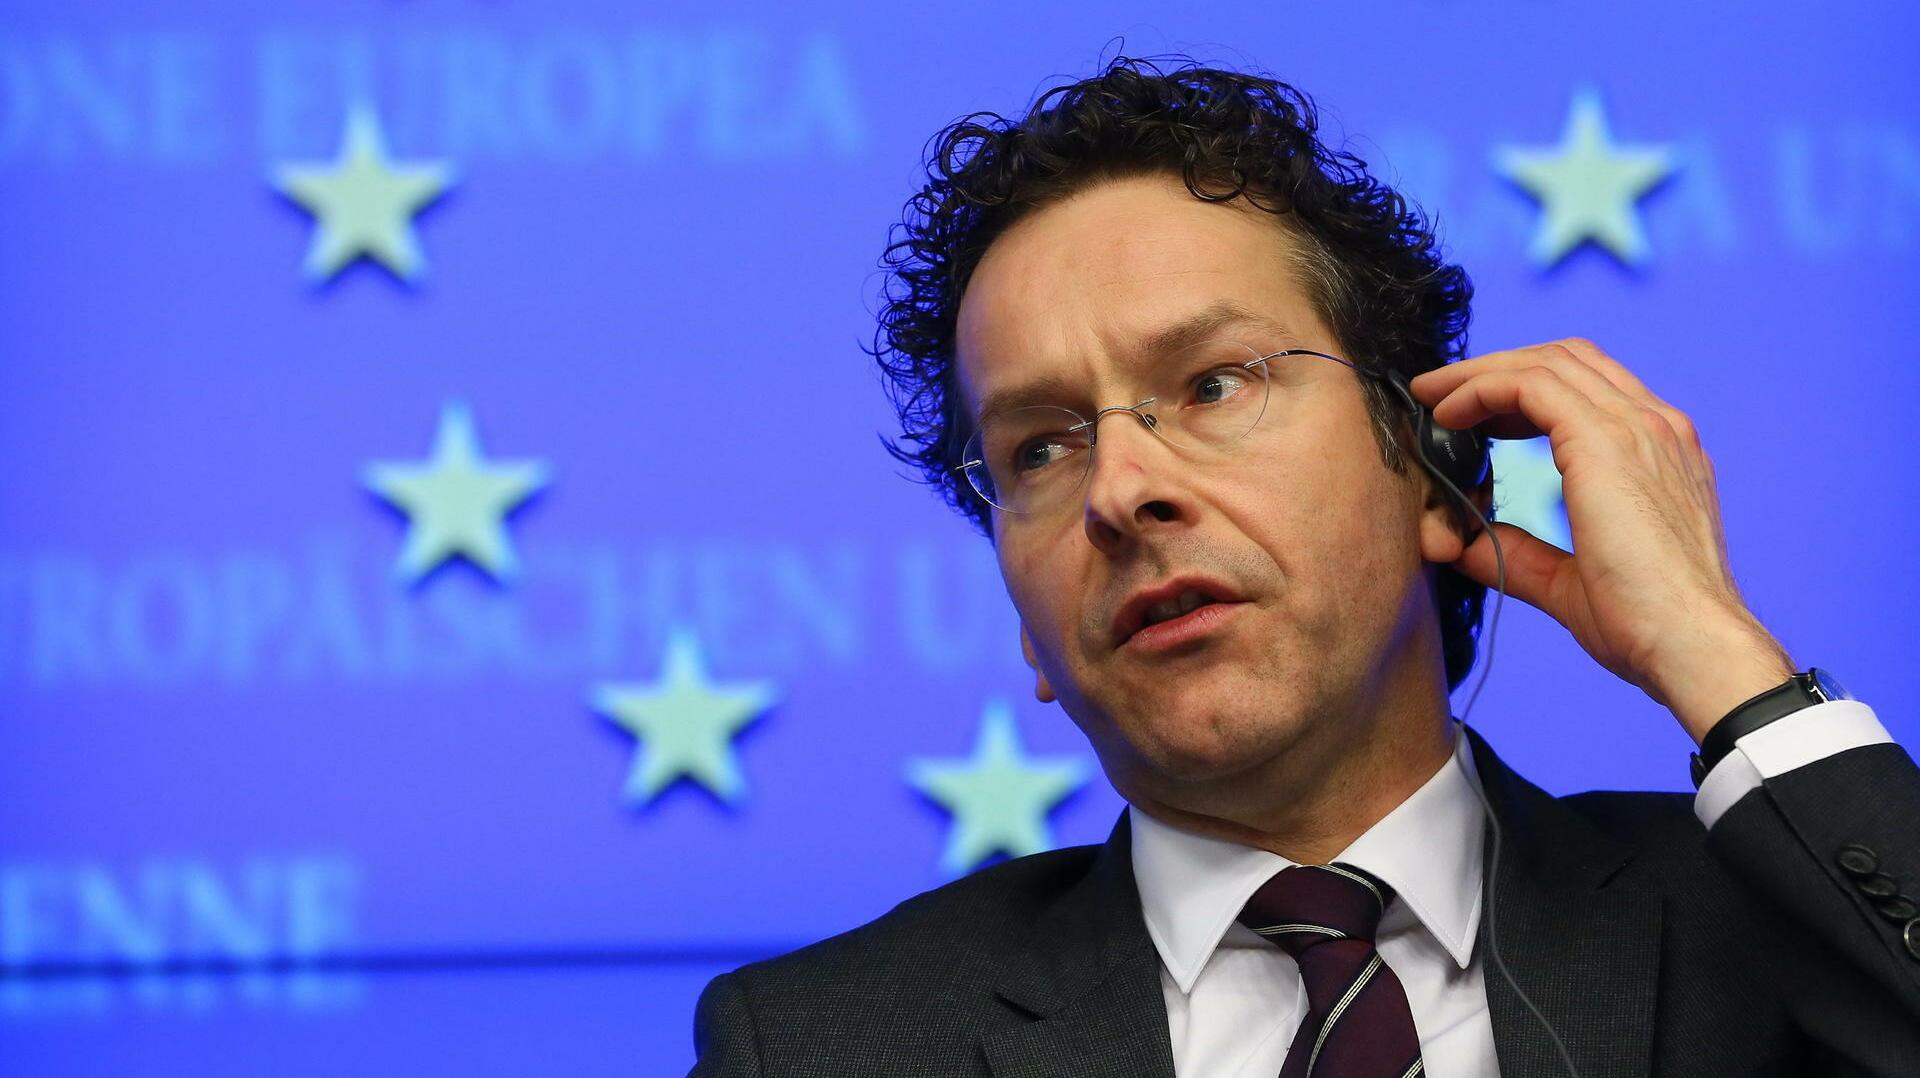 Privatunternehmen prüft: Eurozone macht Zypern bei Geldwäsche Dampf